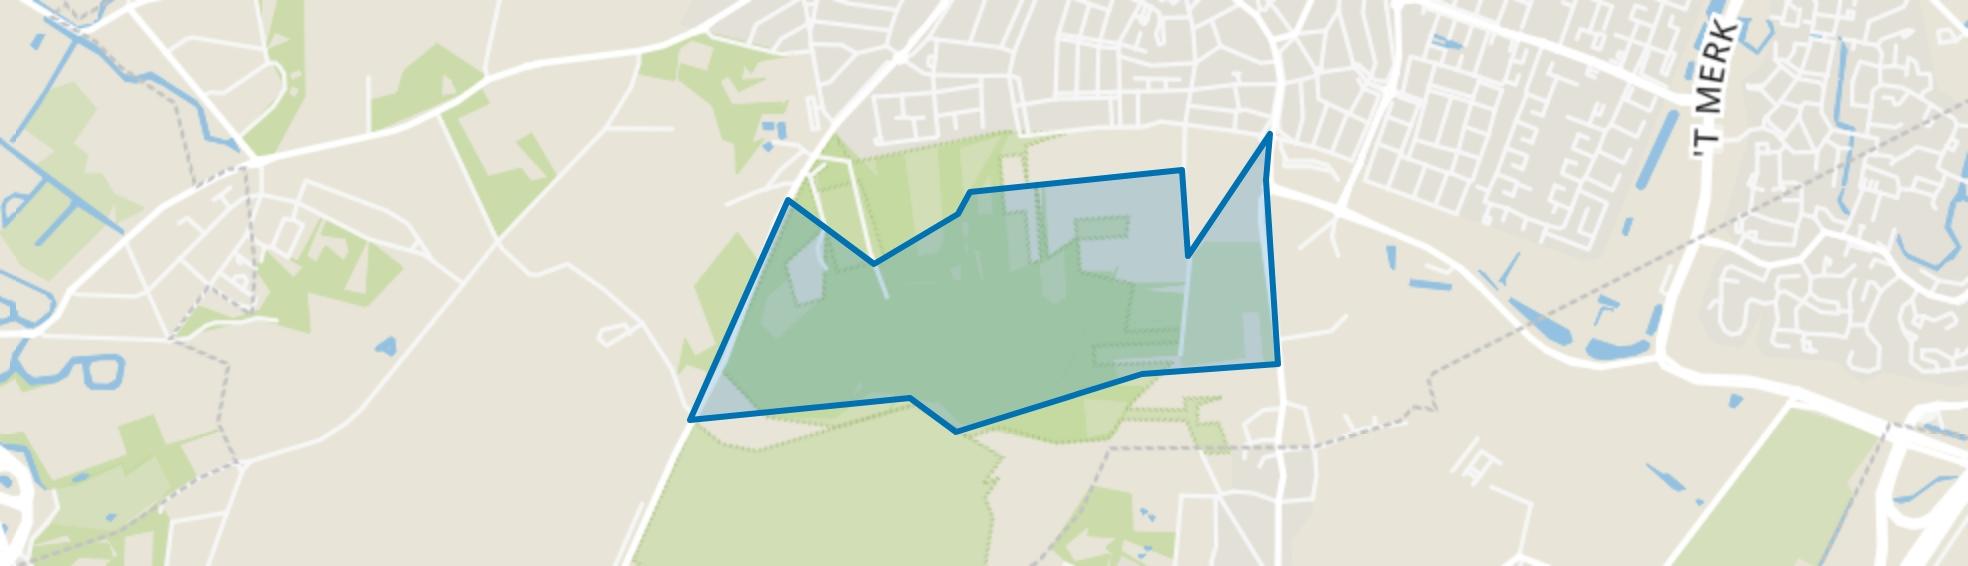 Parrewijn, Huizen map